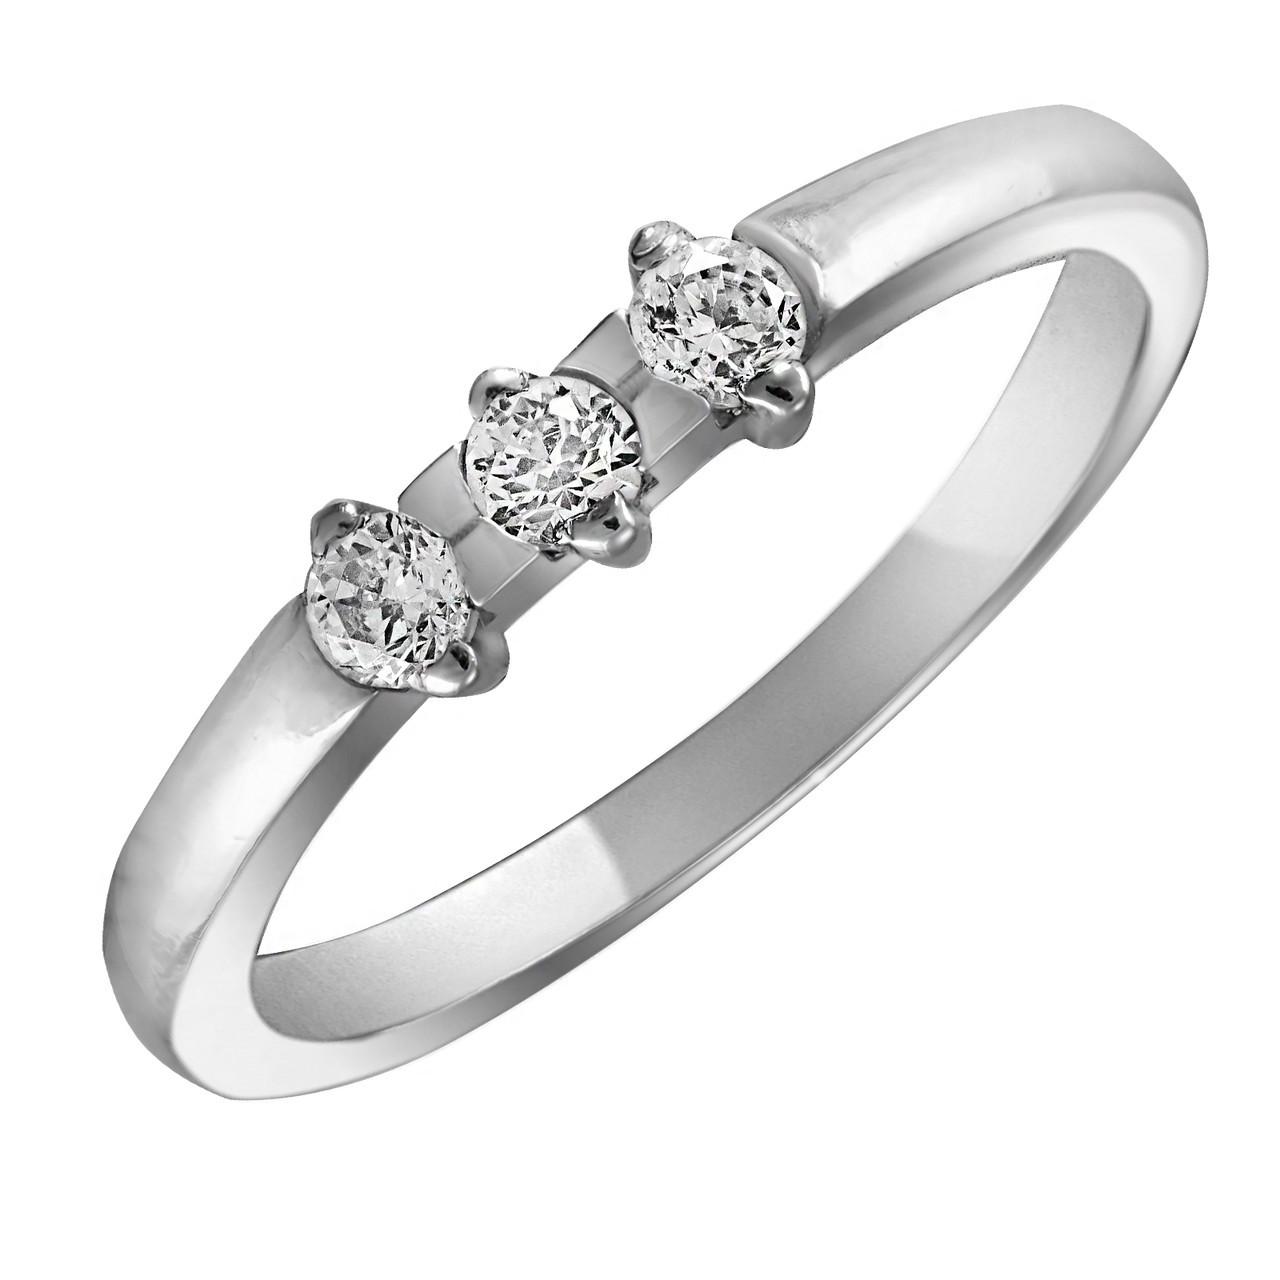 Кольцо из серебра с кубическим цирконием Twiddle Jewelry 18.0 размер (К002-18.0)